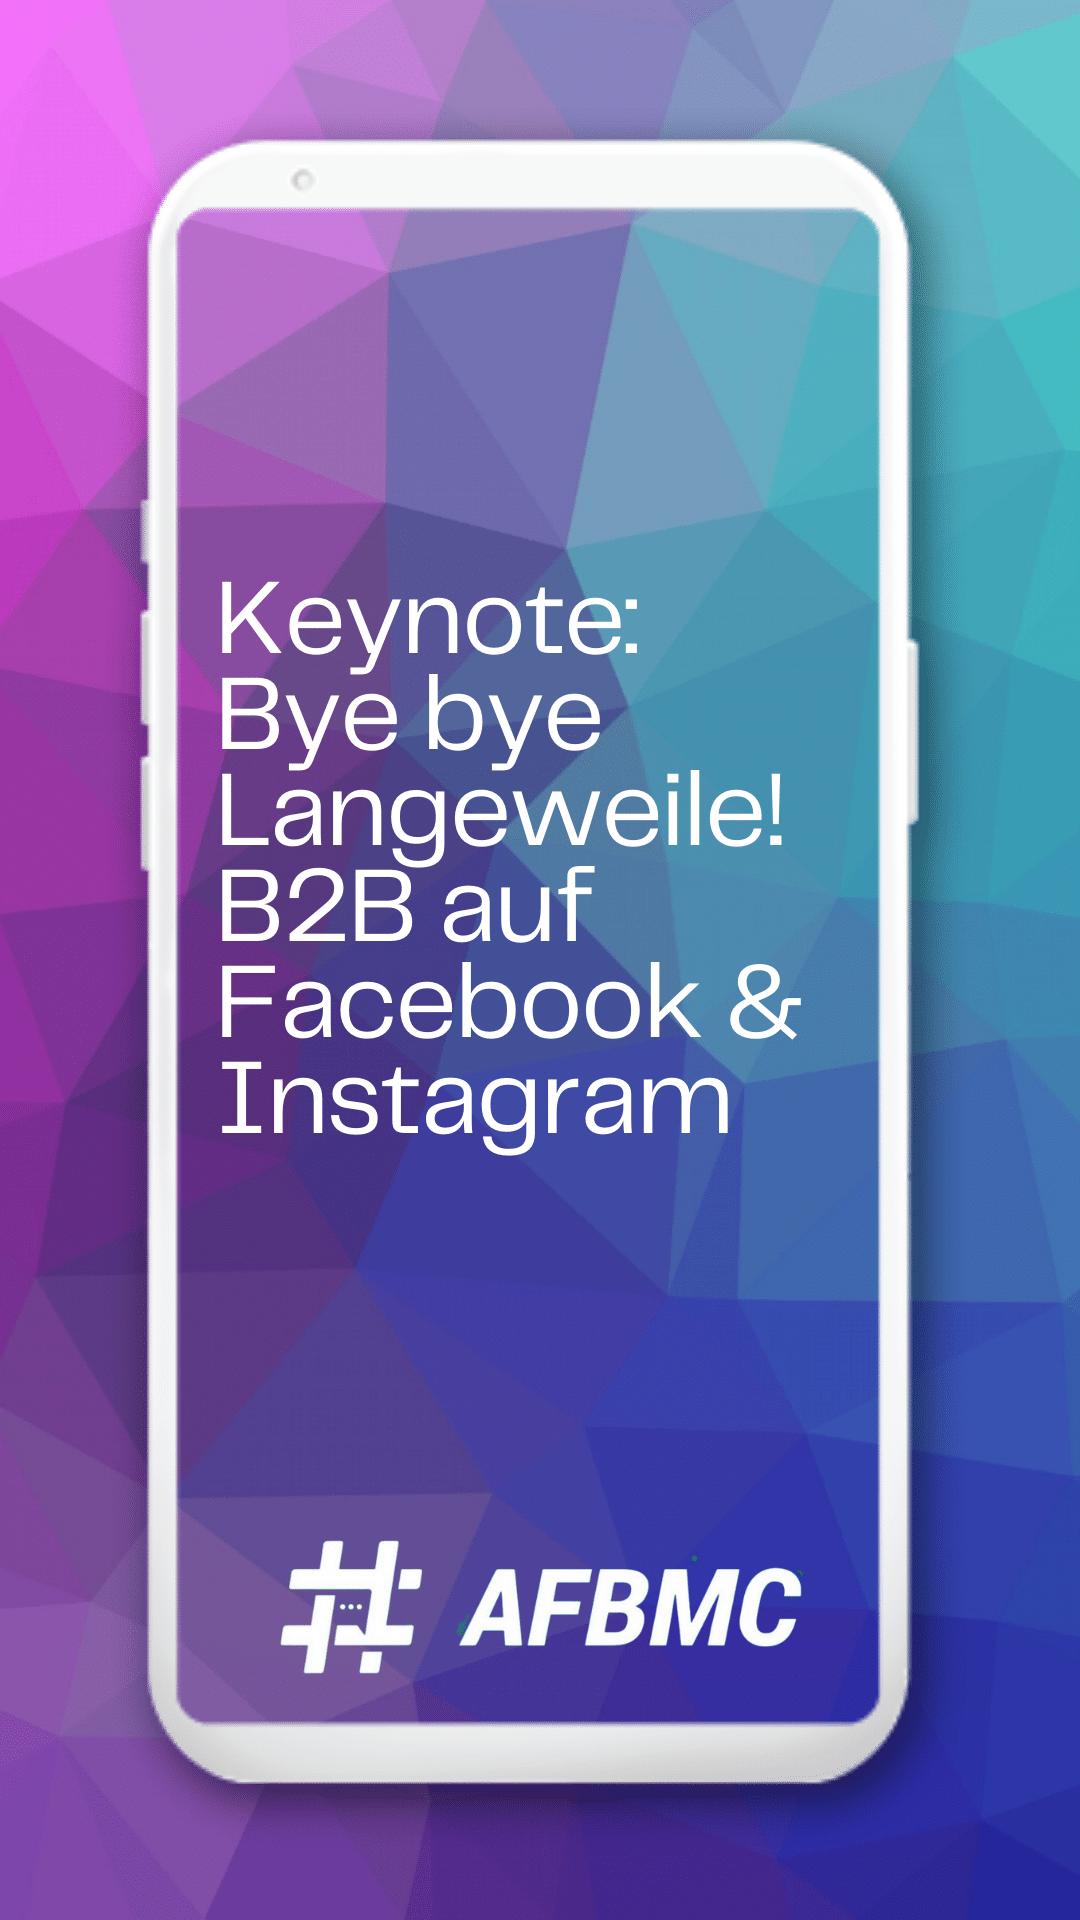 Keynote #AFBMX – Factory Wien